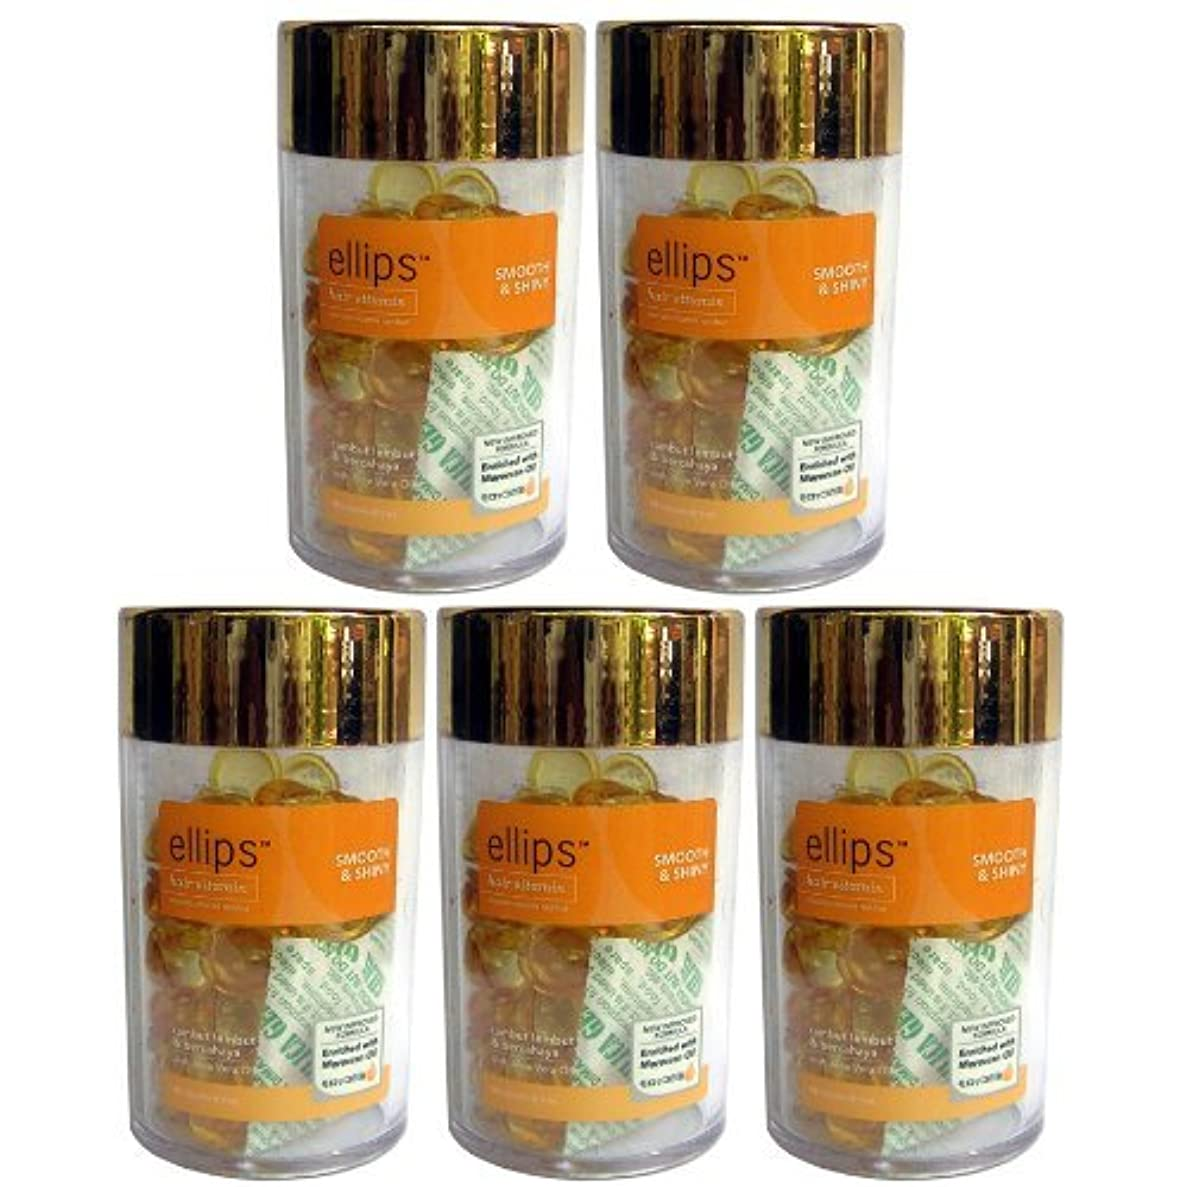 熟読する同種のルネッサンスEllips(エリプス)ヘアビタミン(50粒入)5個セット [並行輸入品][海外直送品] イエロー